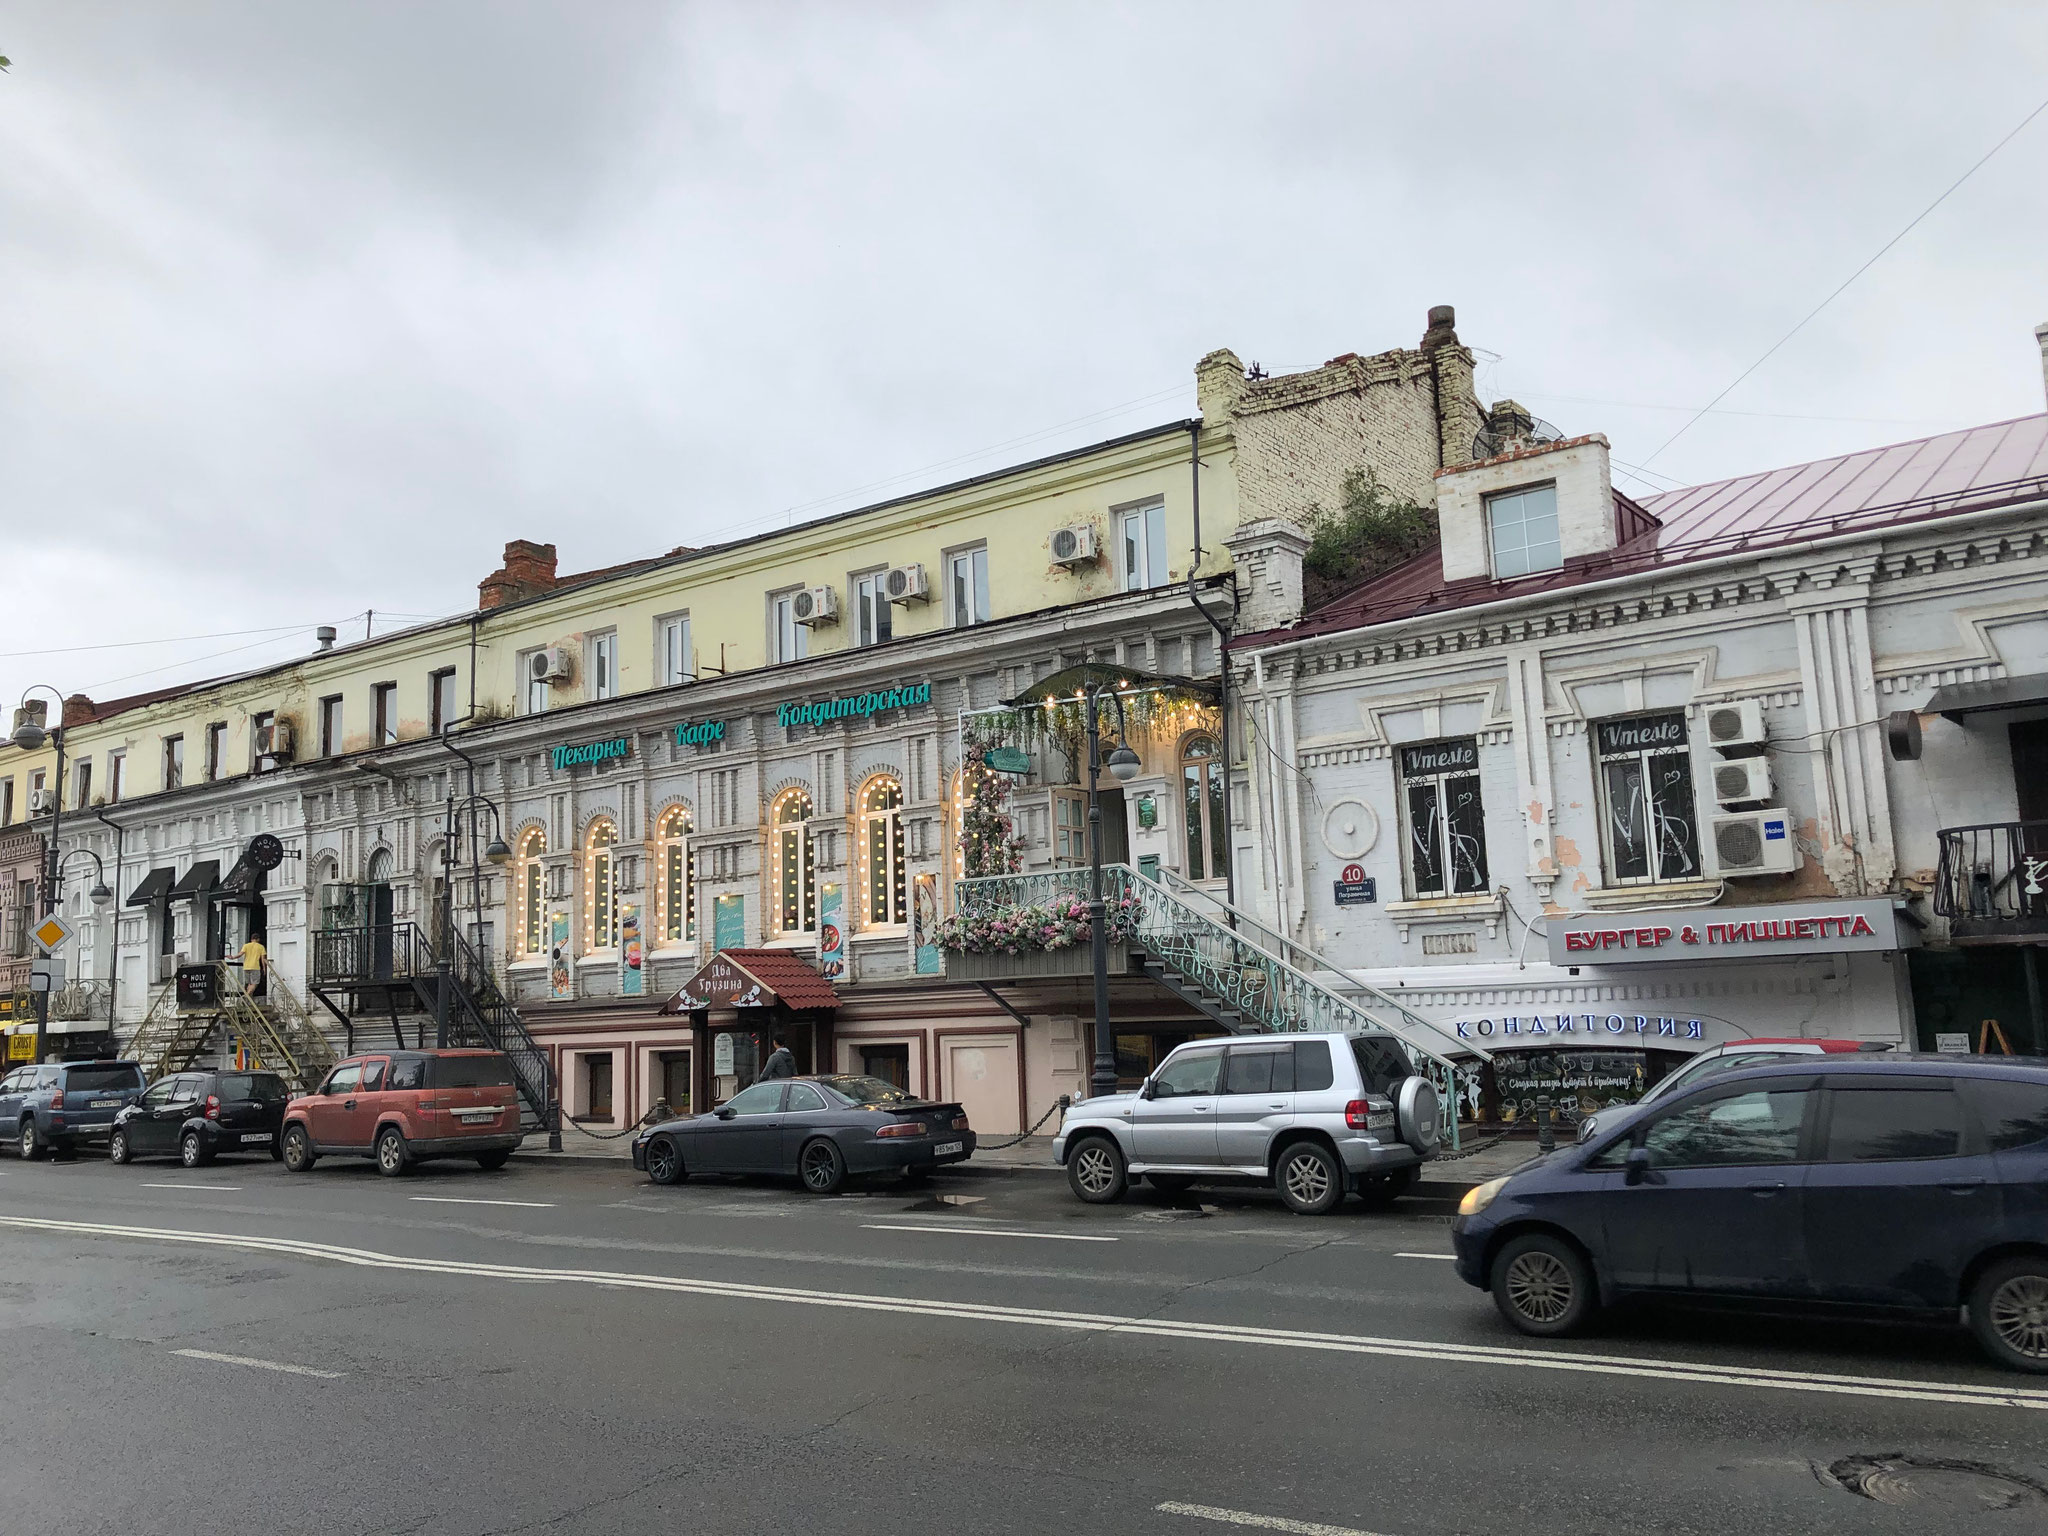 ウラジオストクの街の様子  -古い建物も大切に保存され、おしゃれなカフェやショップが店舗として入っています-